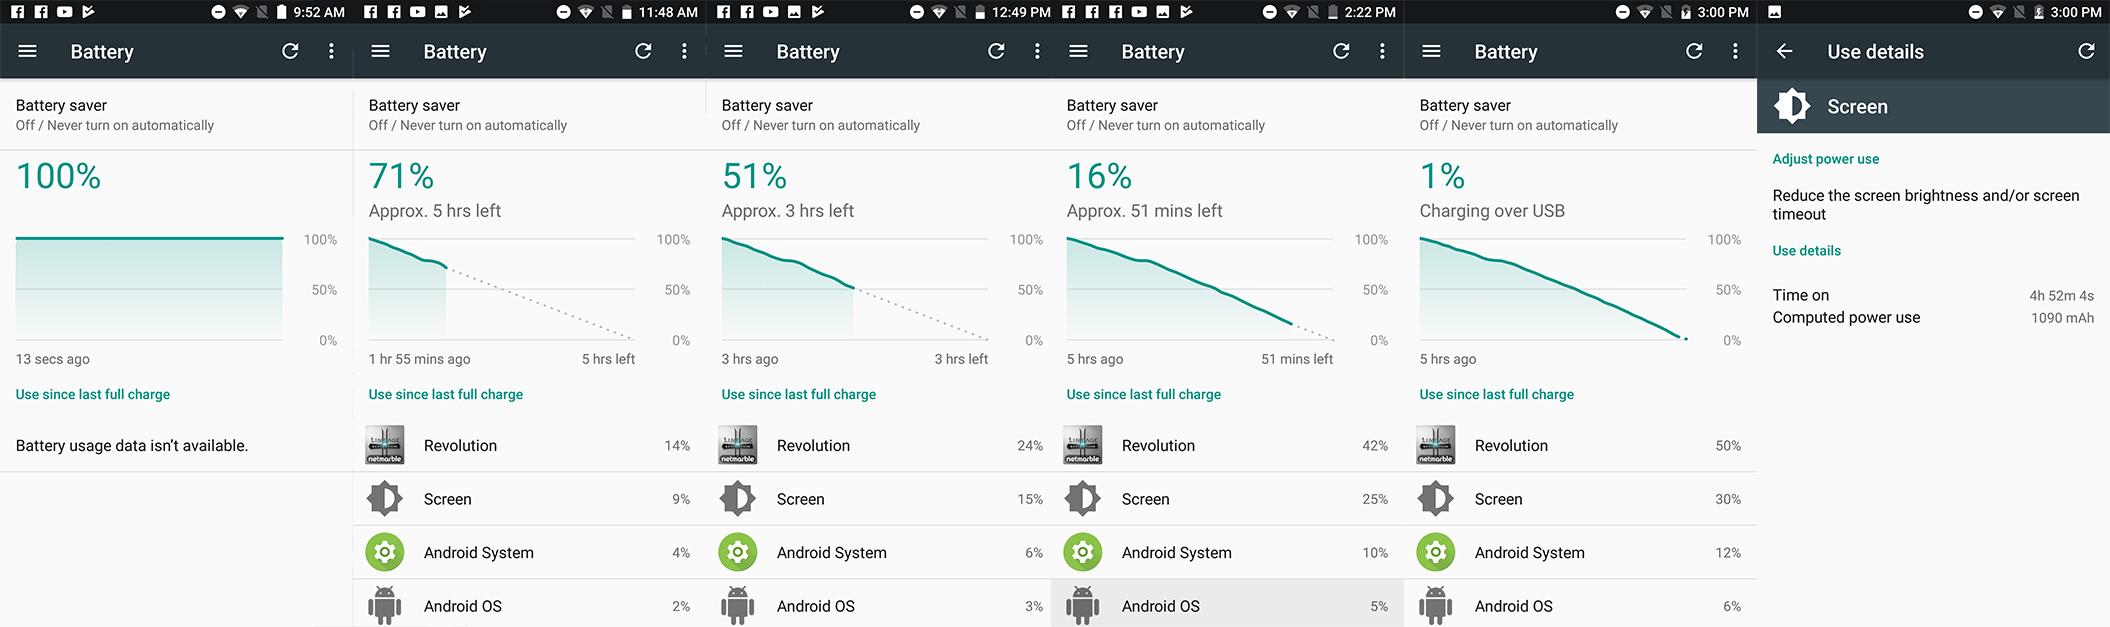 Review] รีวิว Xiaomi Mi A1 Android One กล้องคู่สเปคดีในราคา